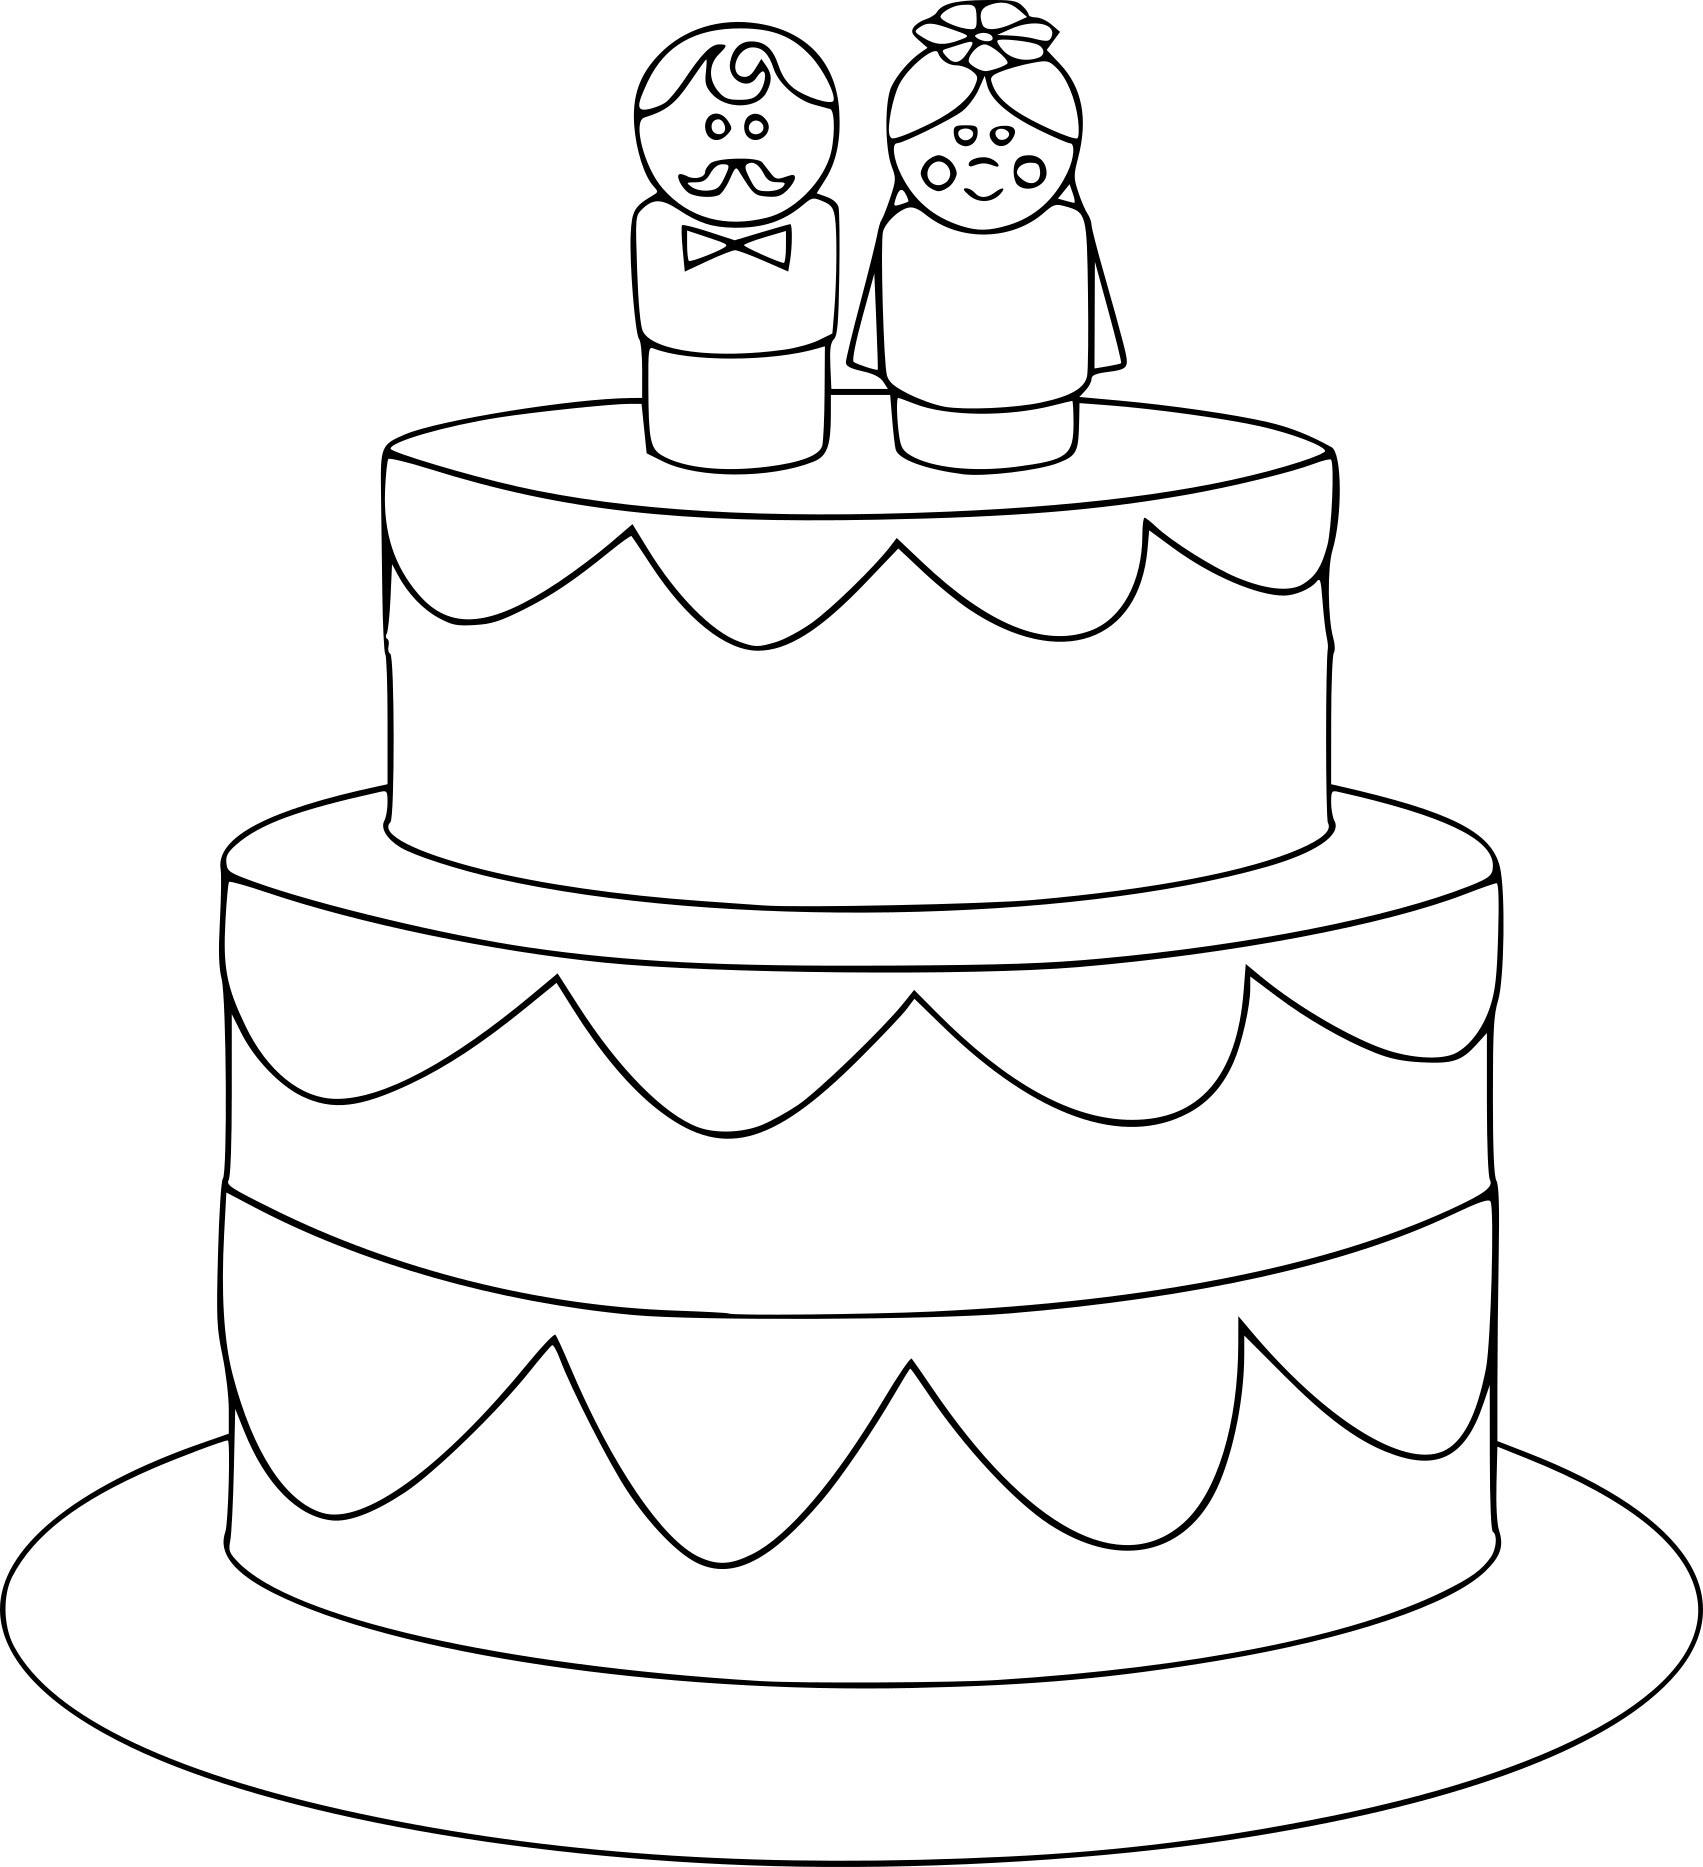 ассортимент картинка торт на листе узерли, фото